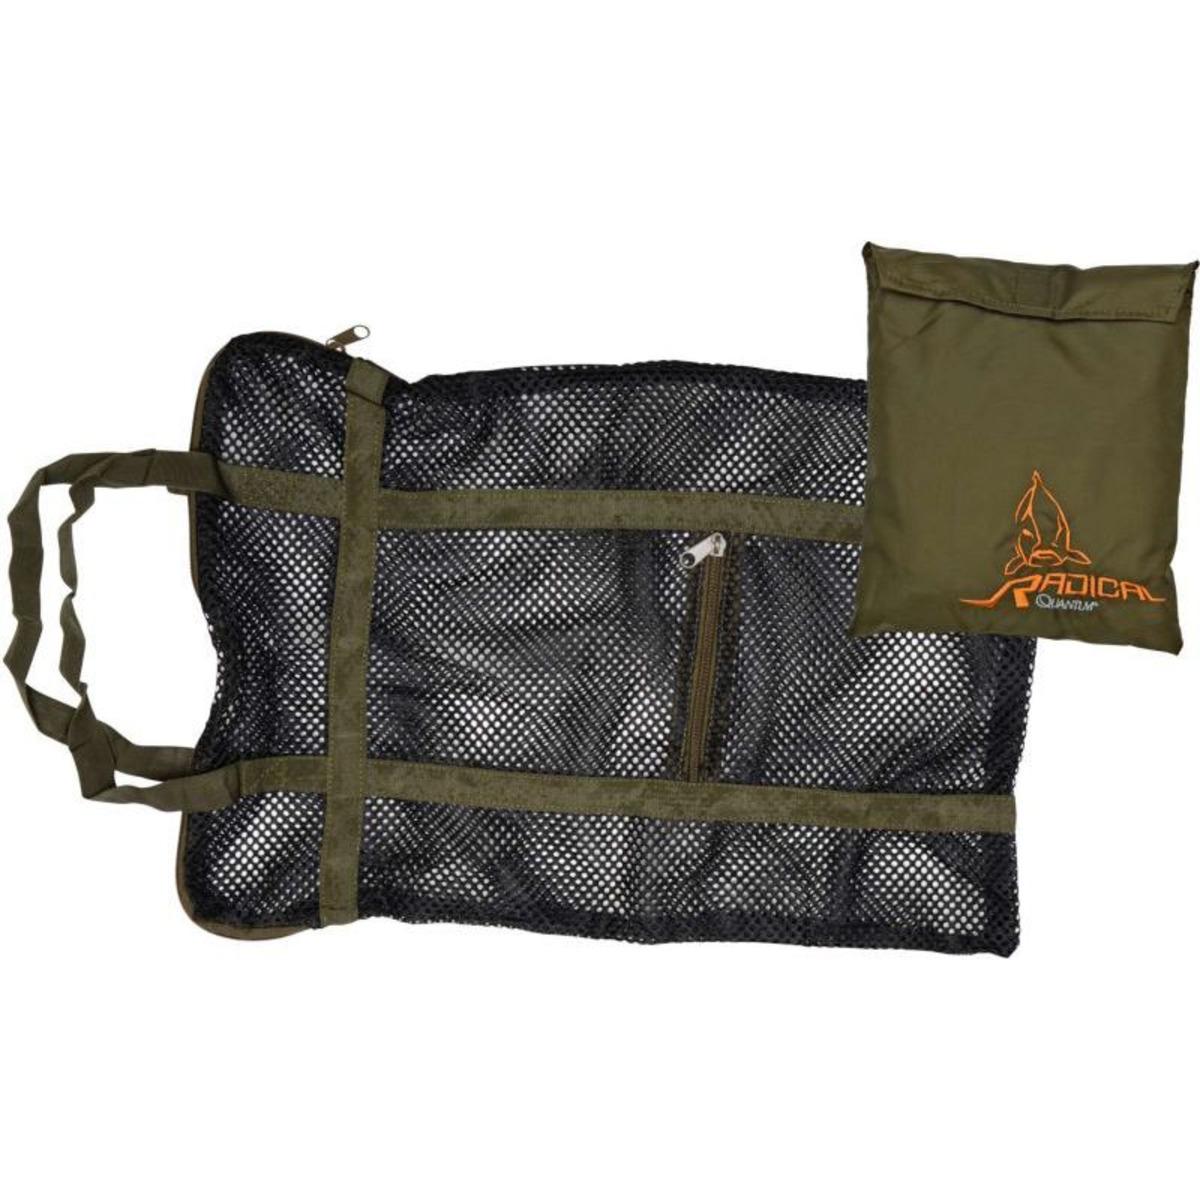 Radical Bait Bag - 0.60x0.40 m